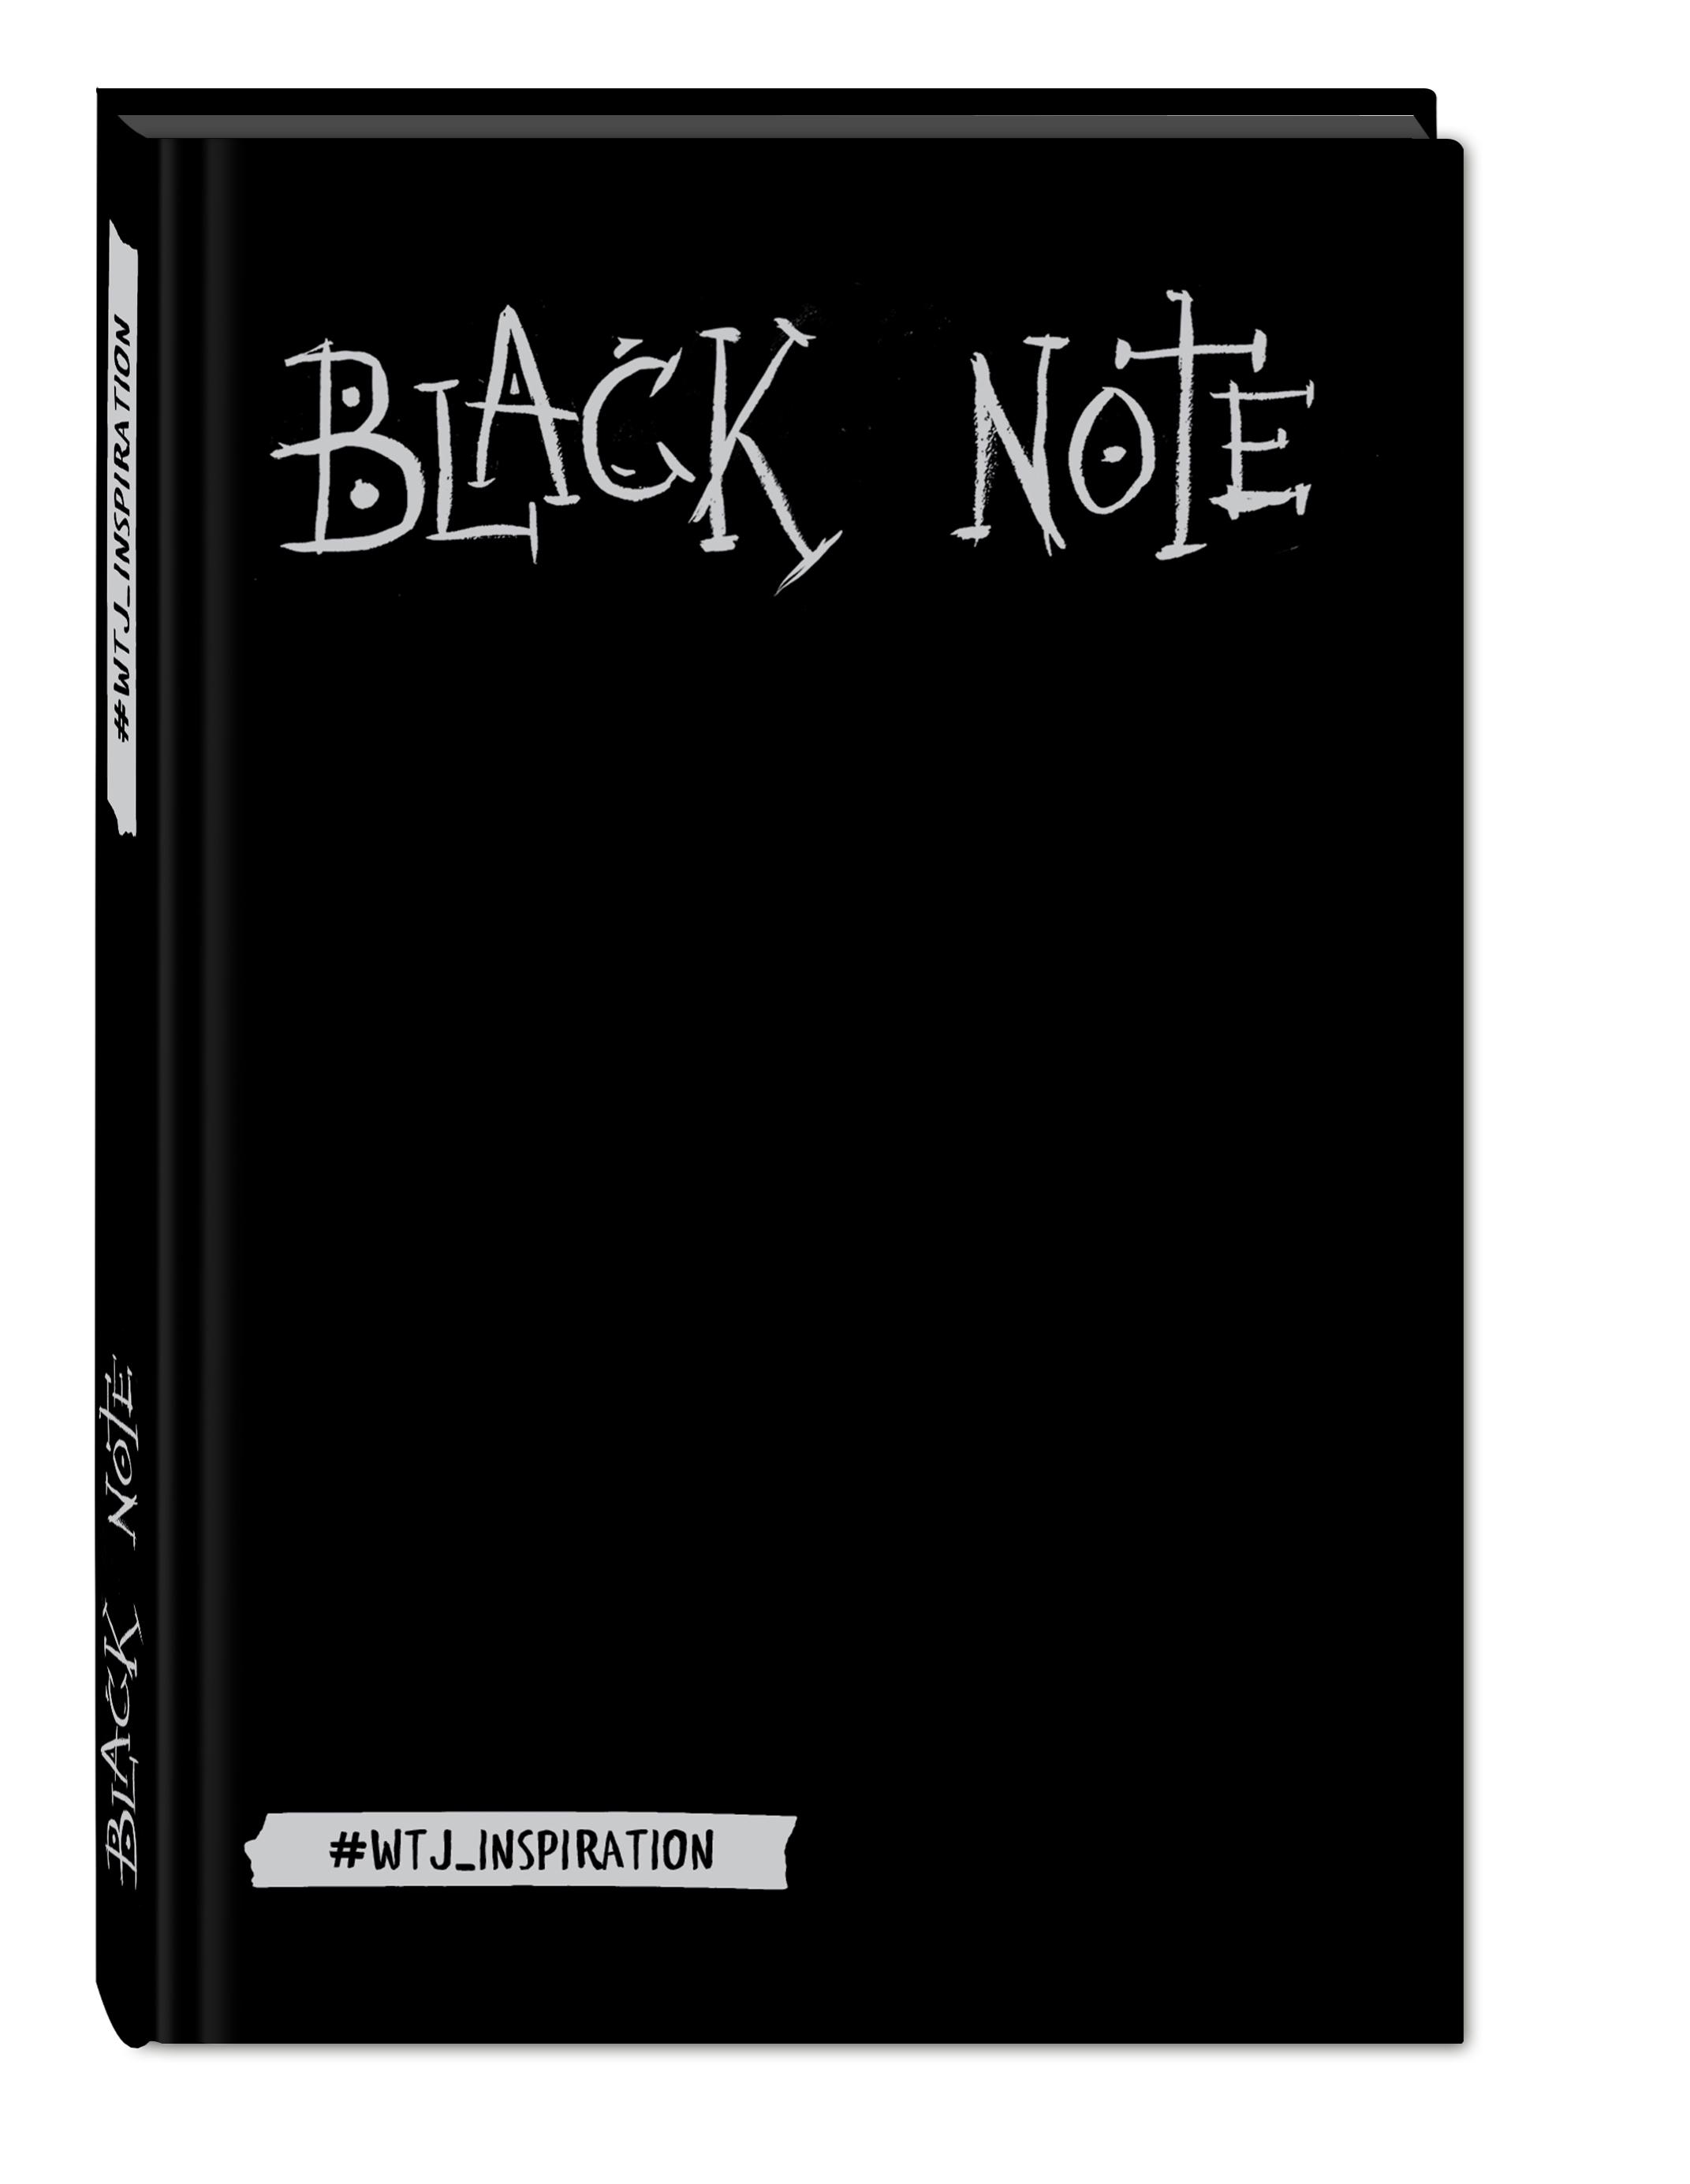 Комплект. Black Note. Креативный блокнот с черными страницами (твердый переплет) + Комплект из 2-х белых ручек и белого карандаша WTJ_INSPIRATION цена